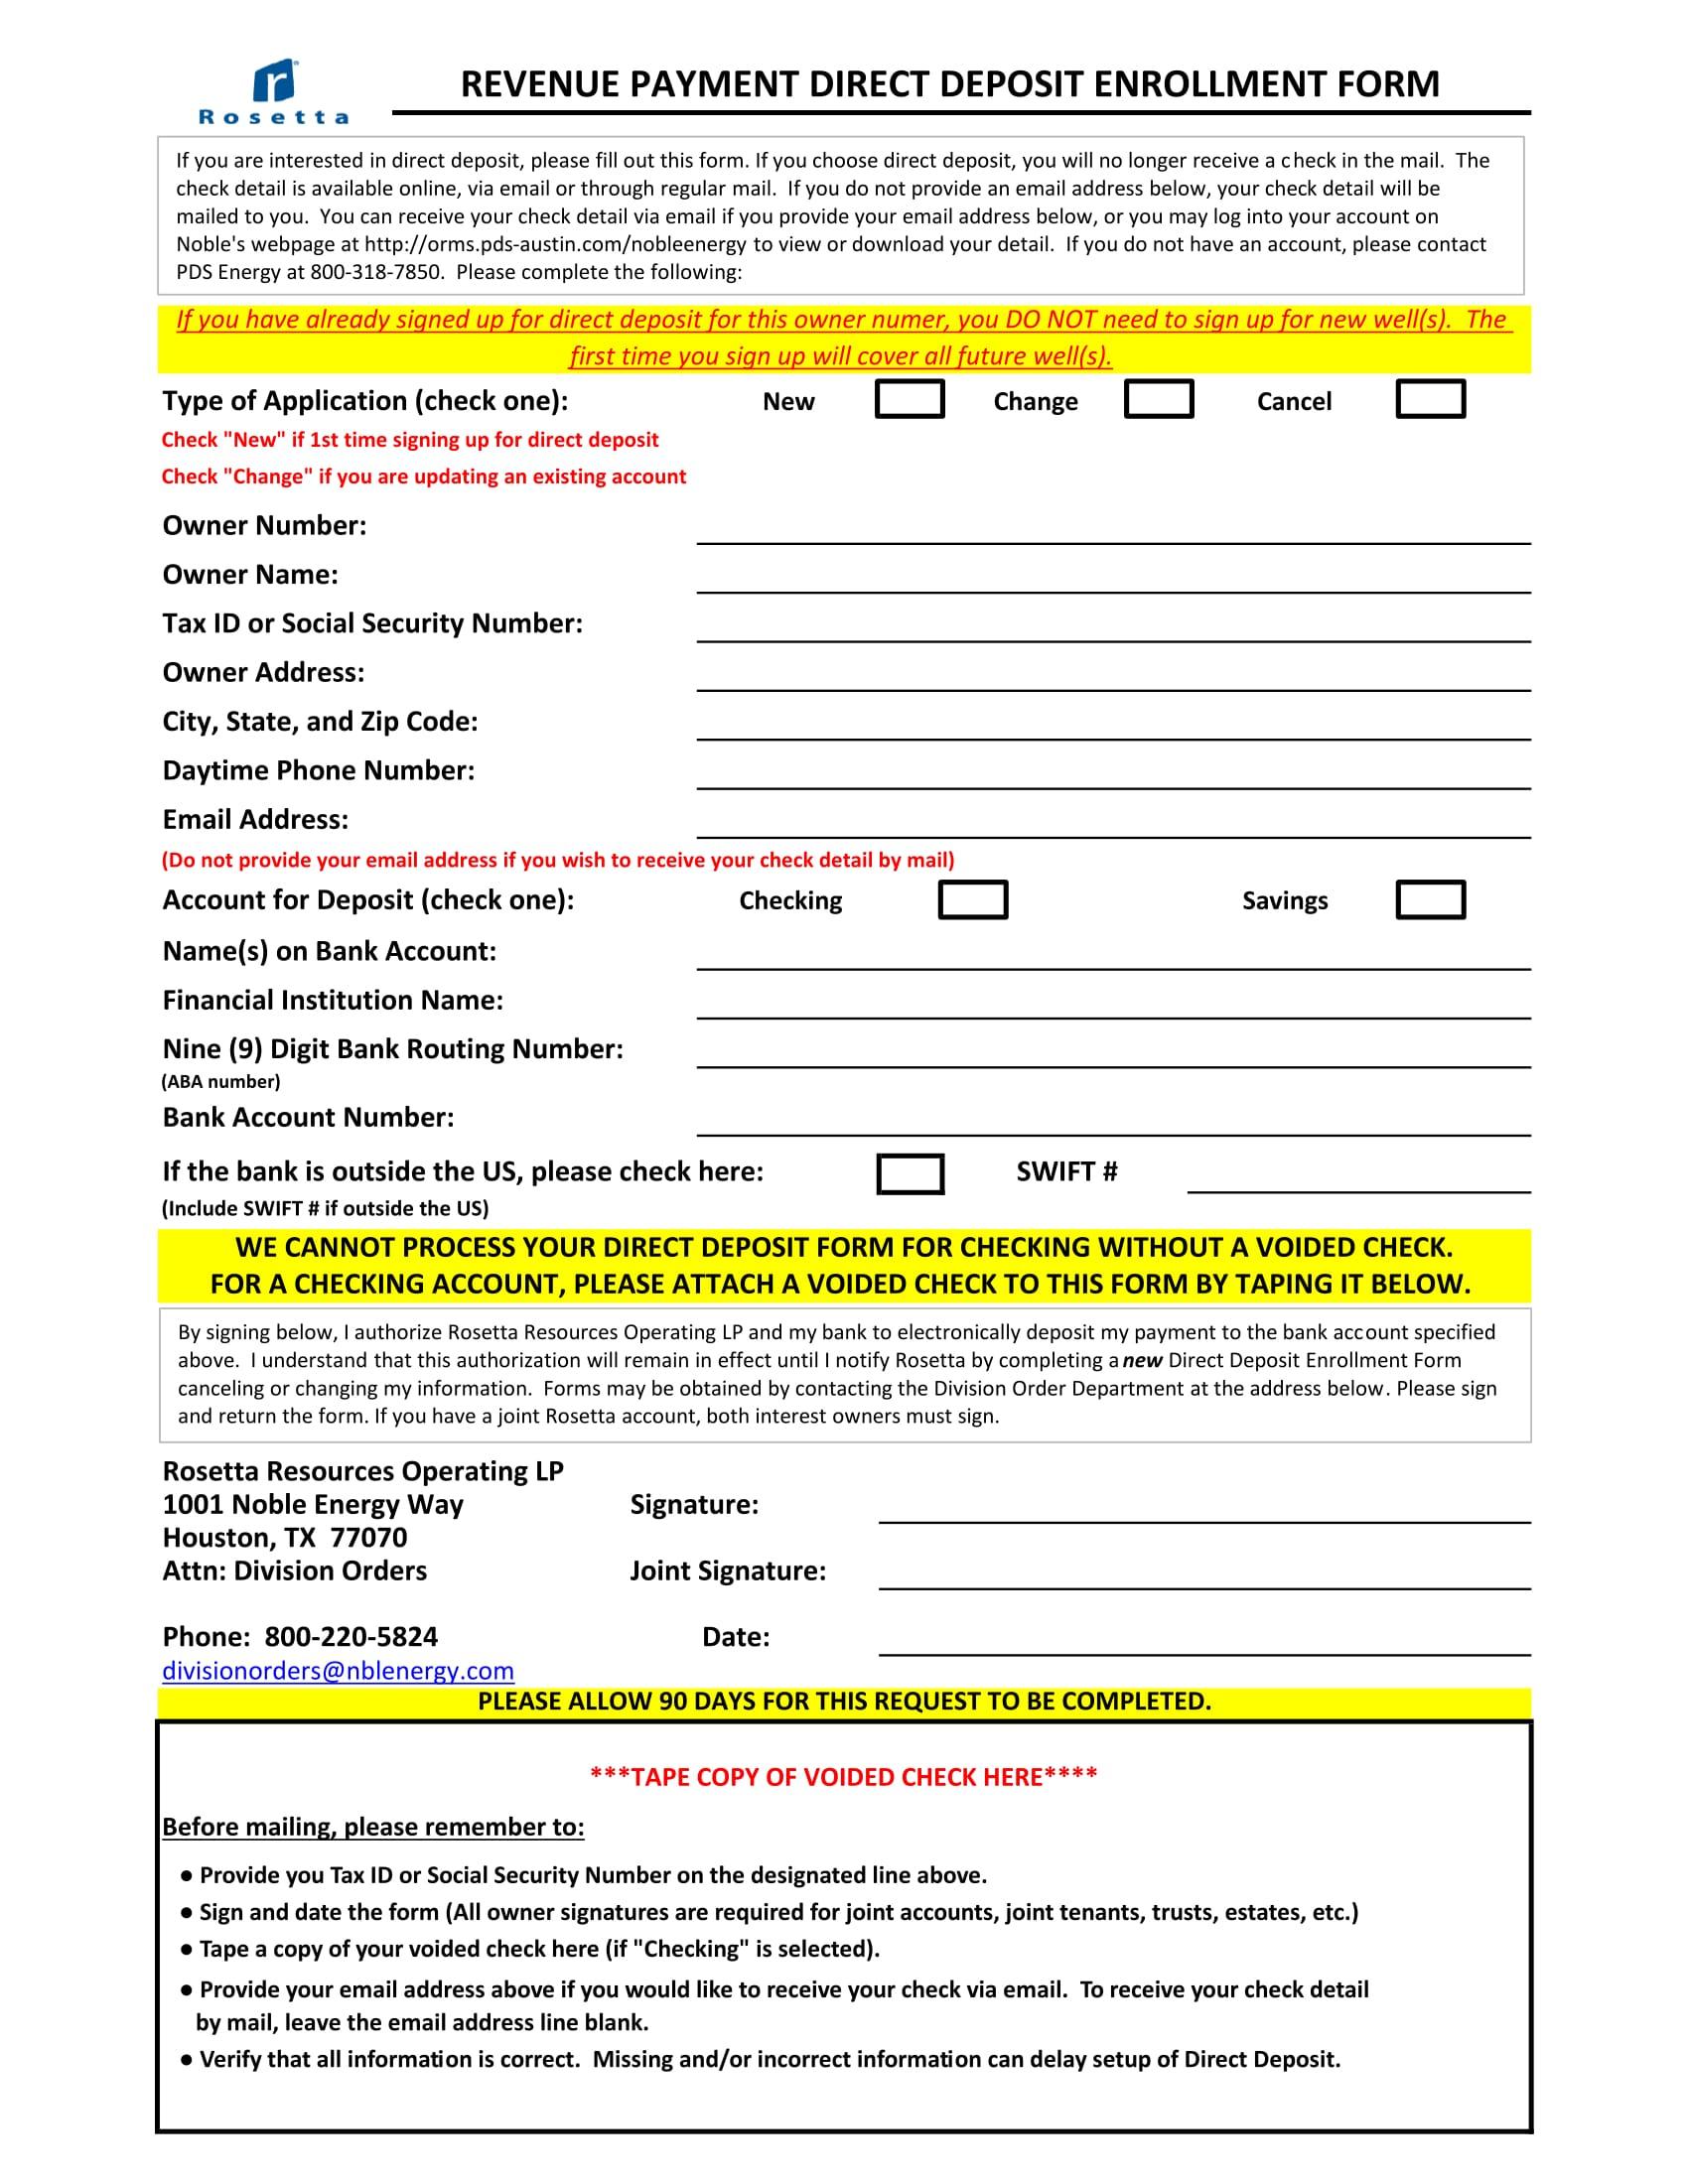 revenue payment direct deposit enrollment form 1